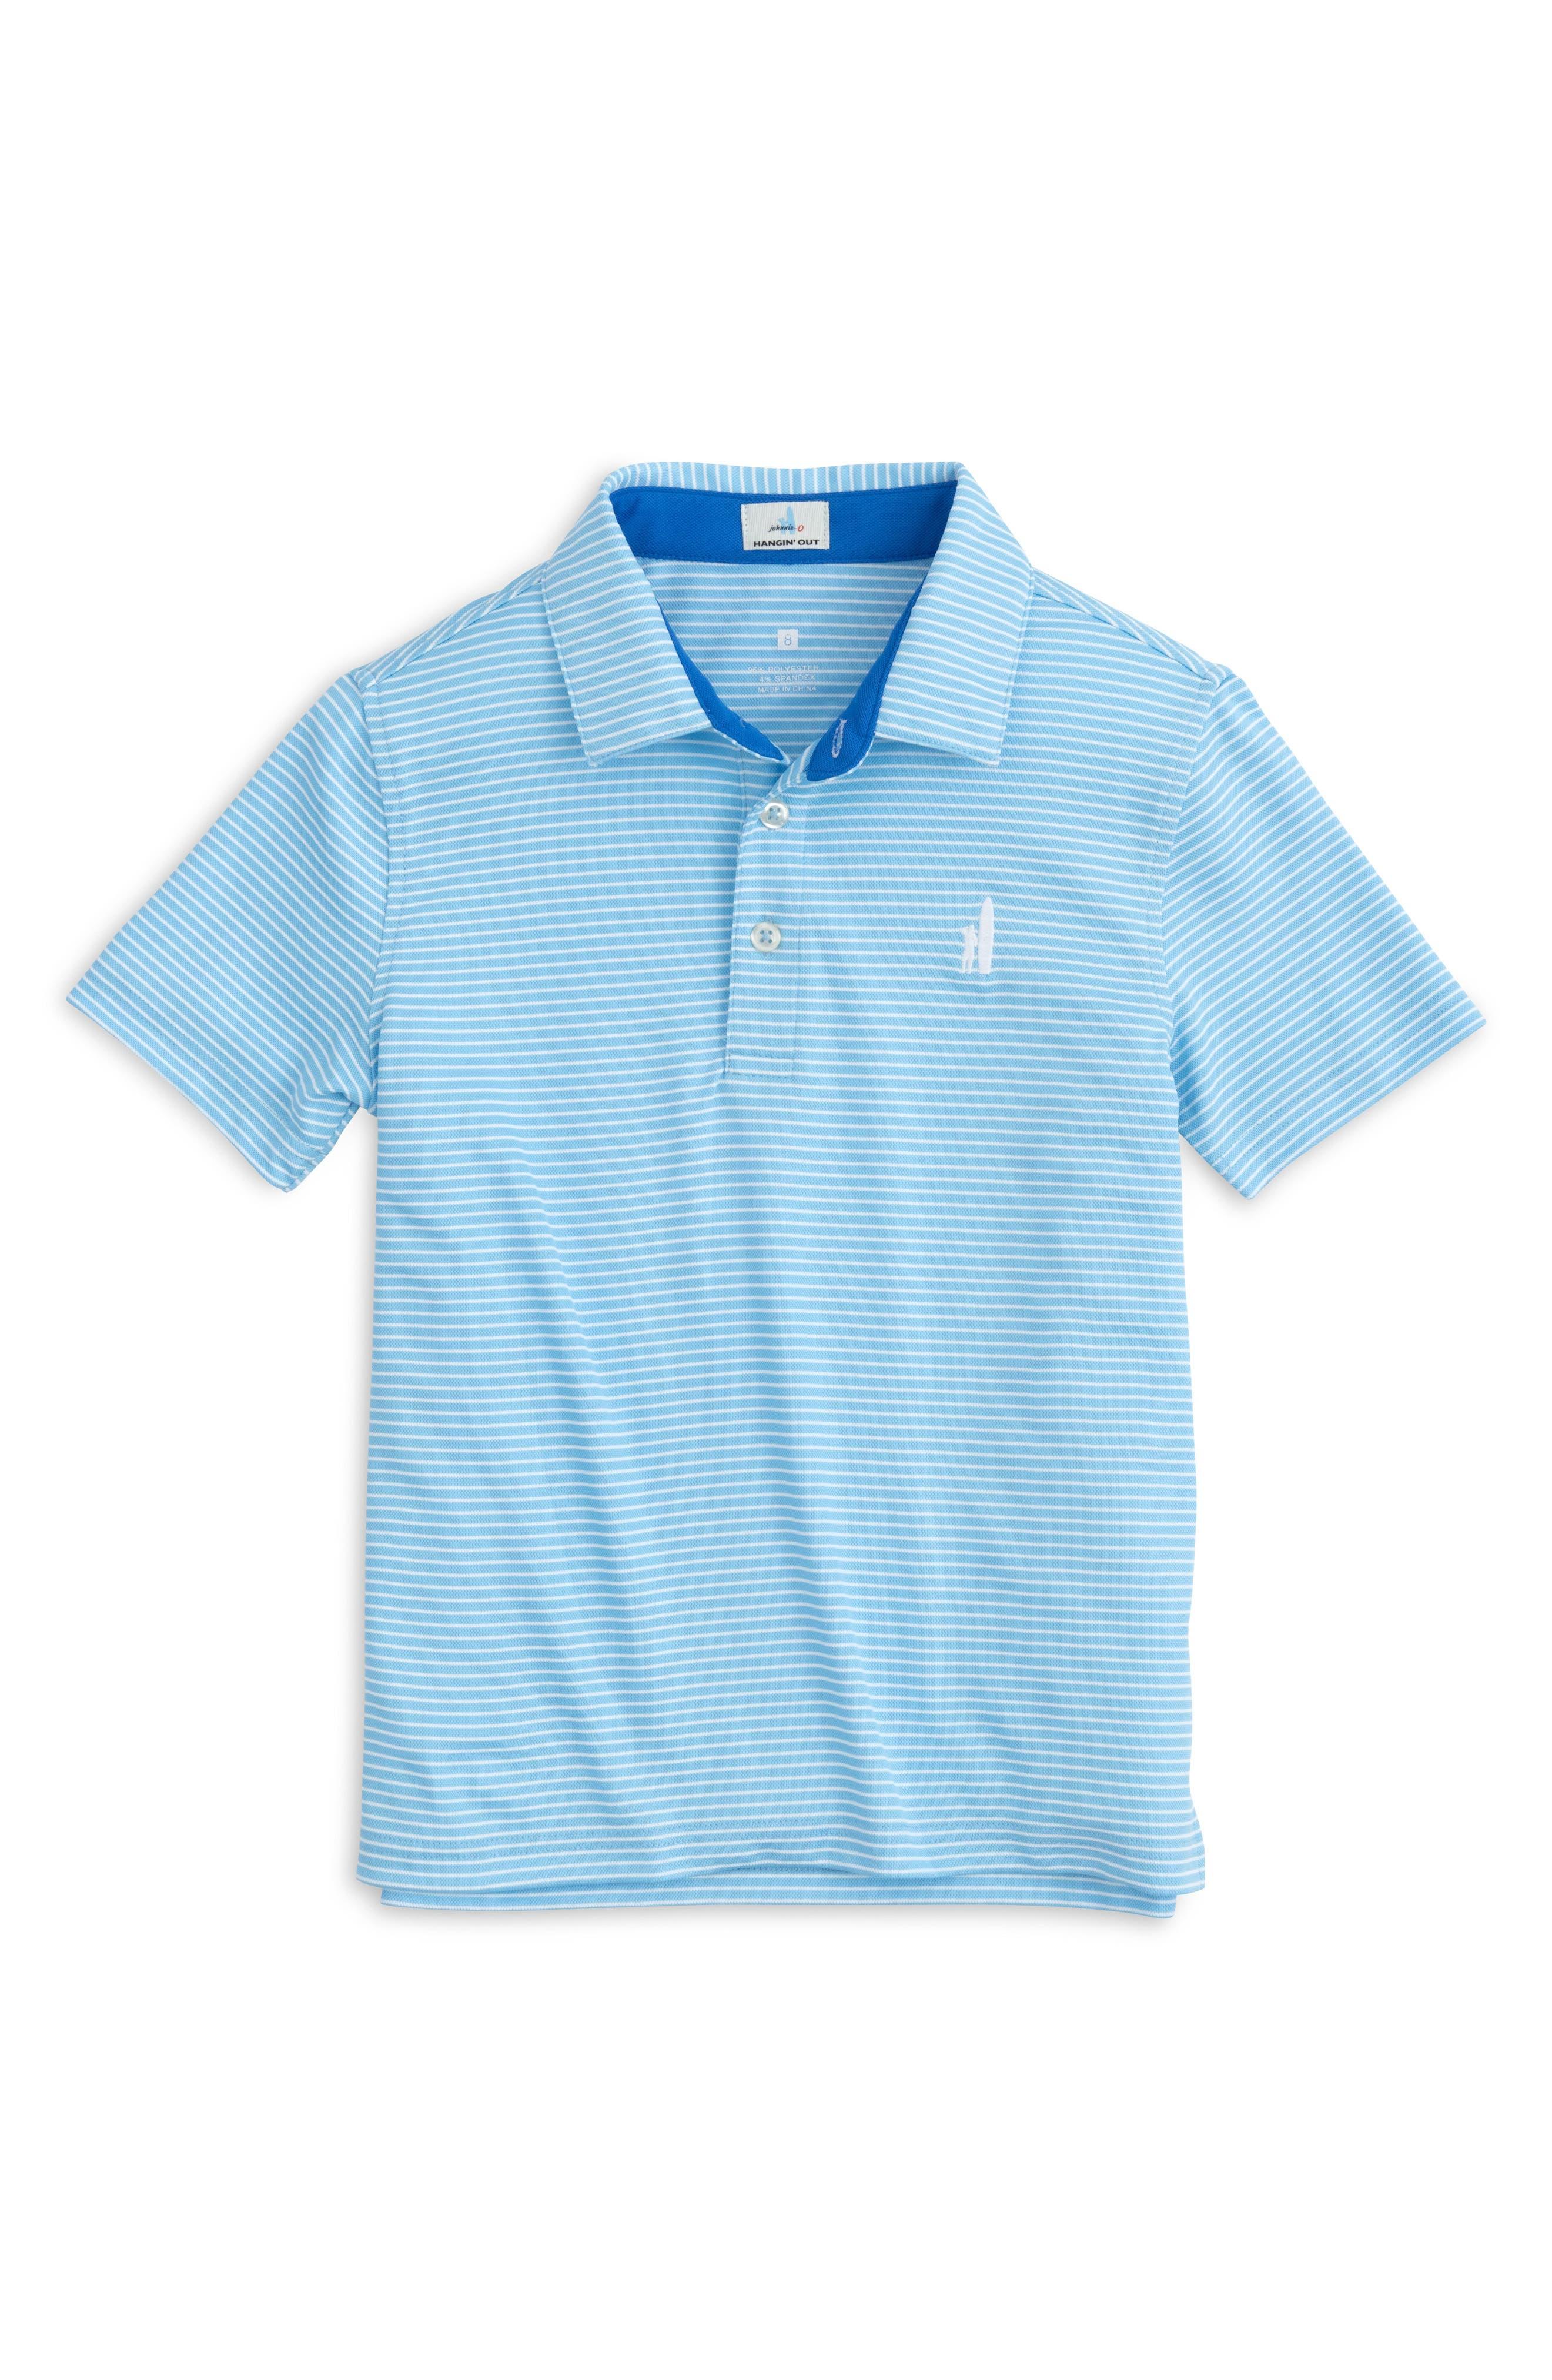 5 johnnie-O Boys Polo Shirt